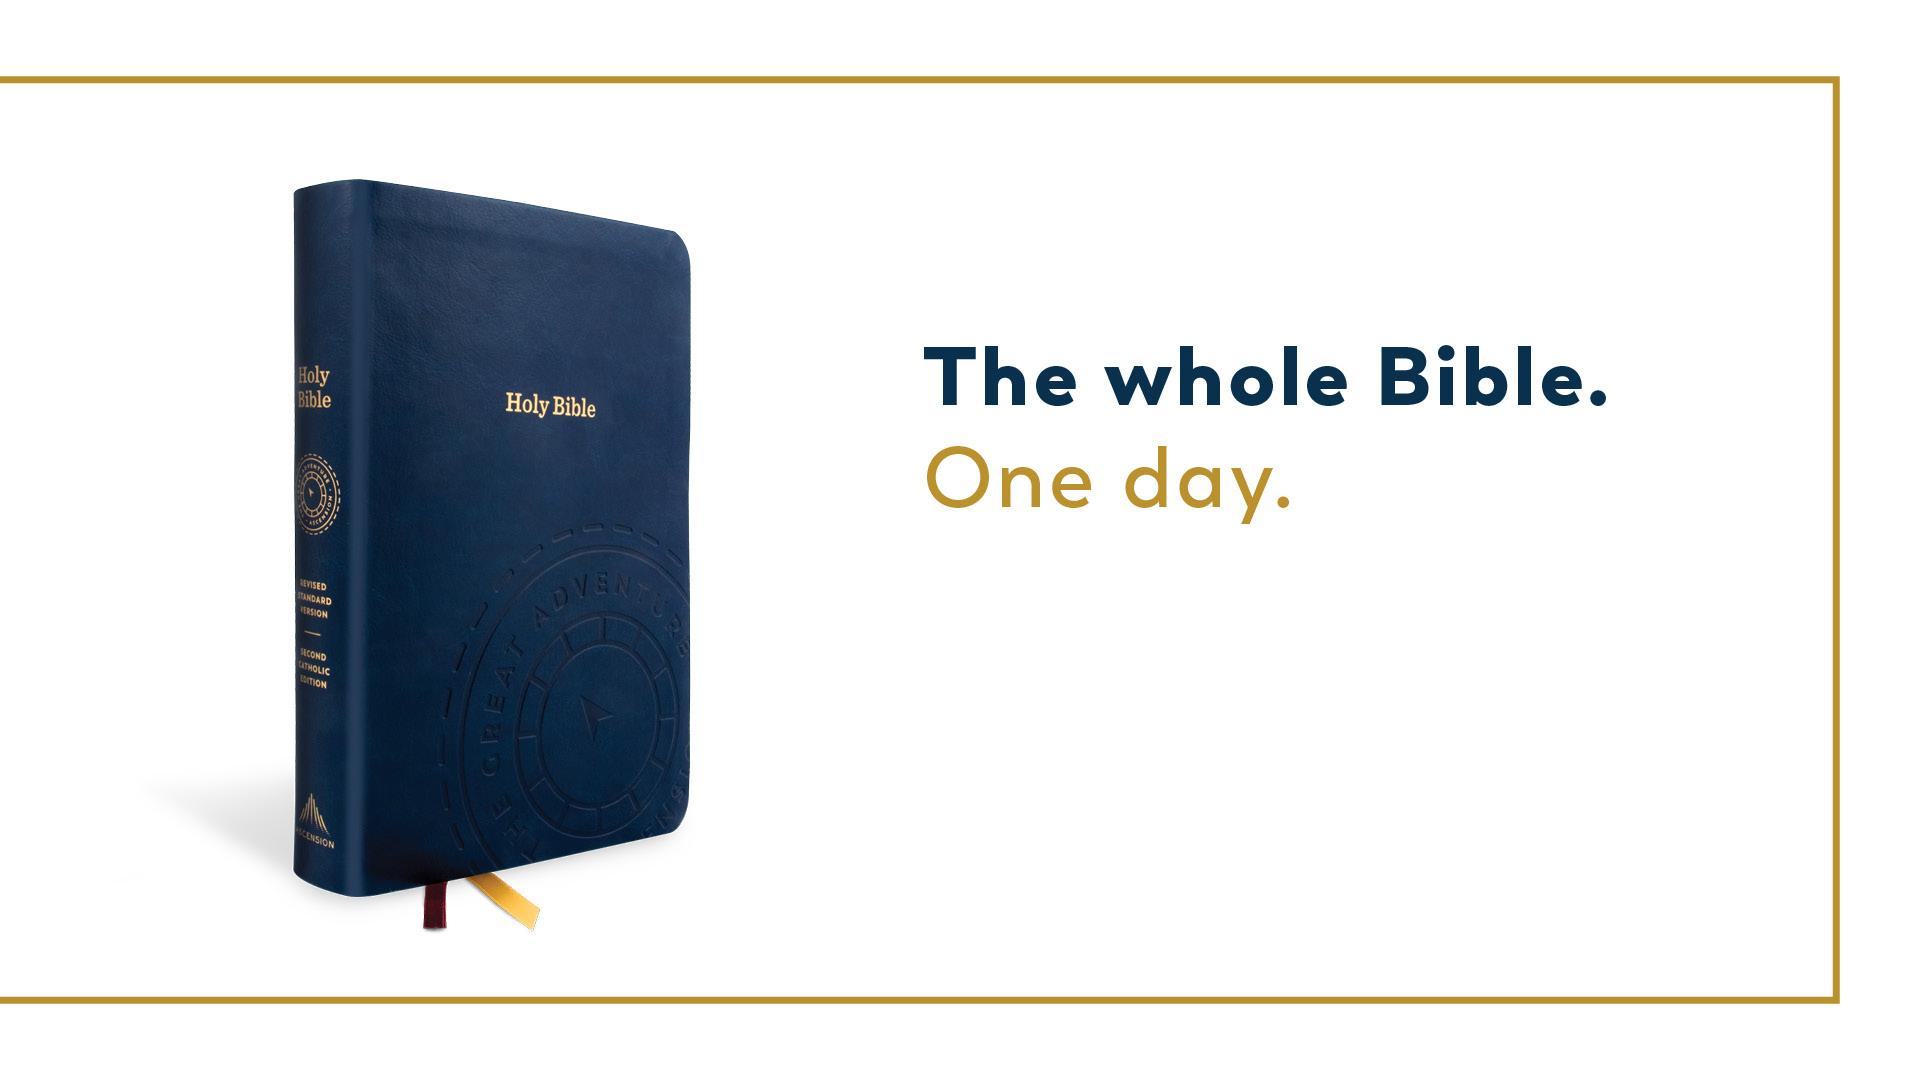 Cavins_Bible_1920x1080_3.jpg